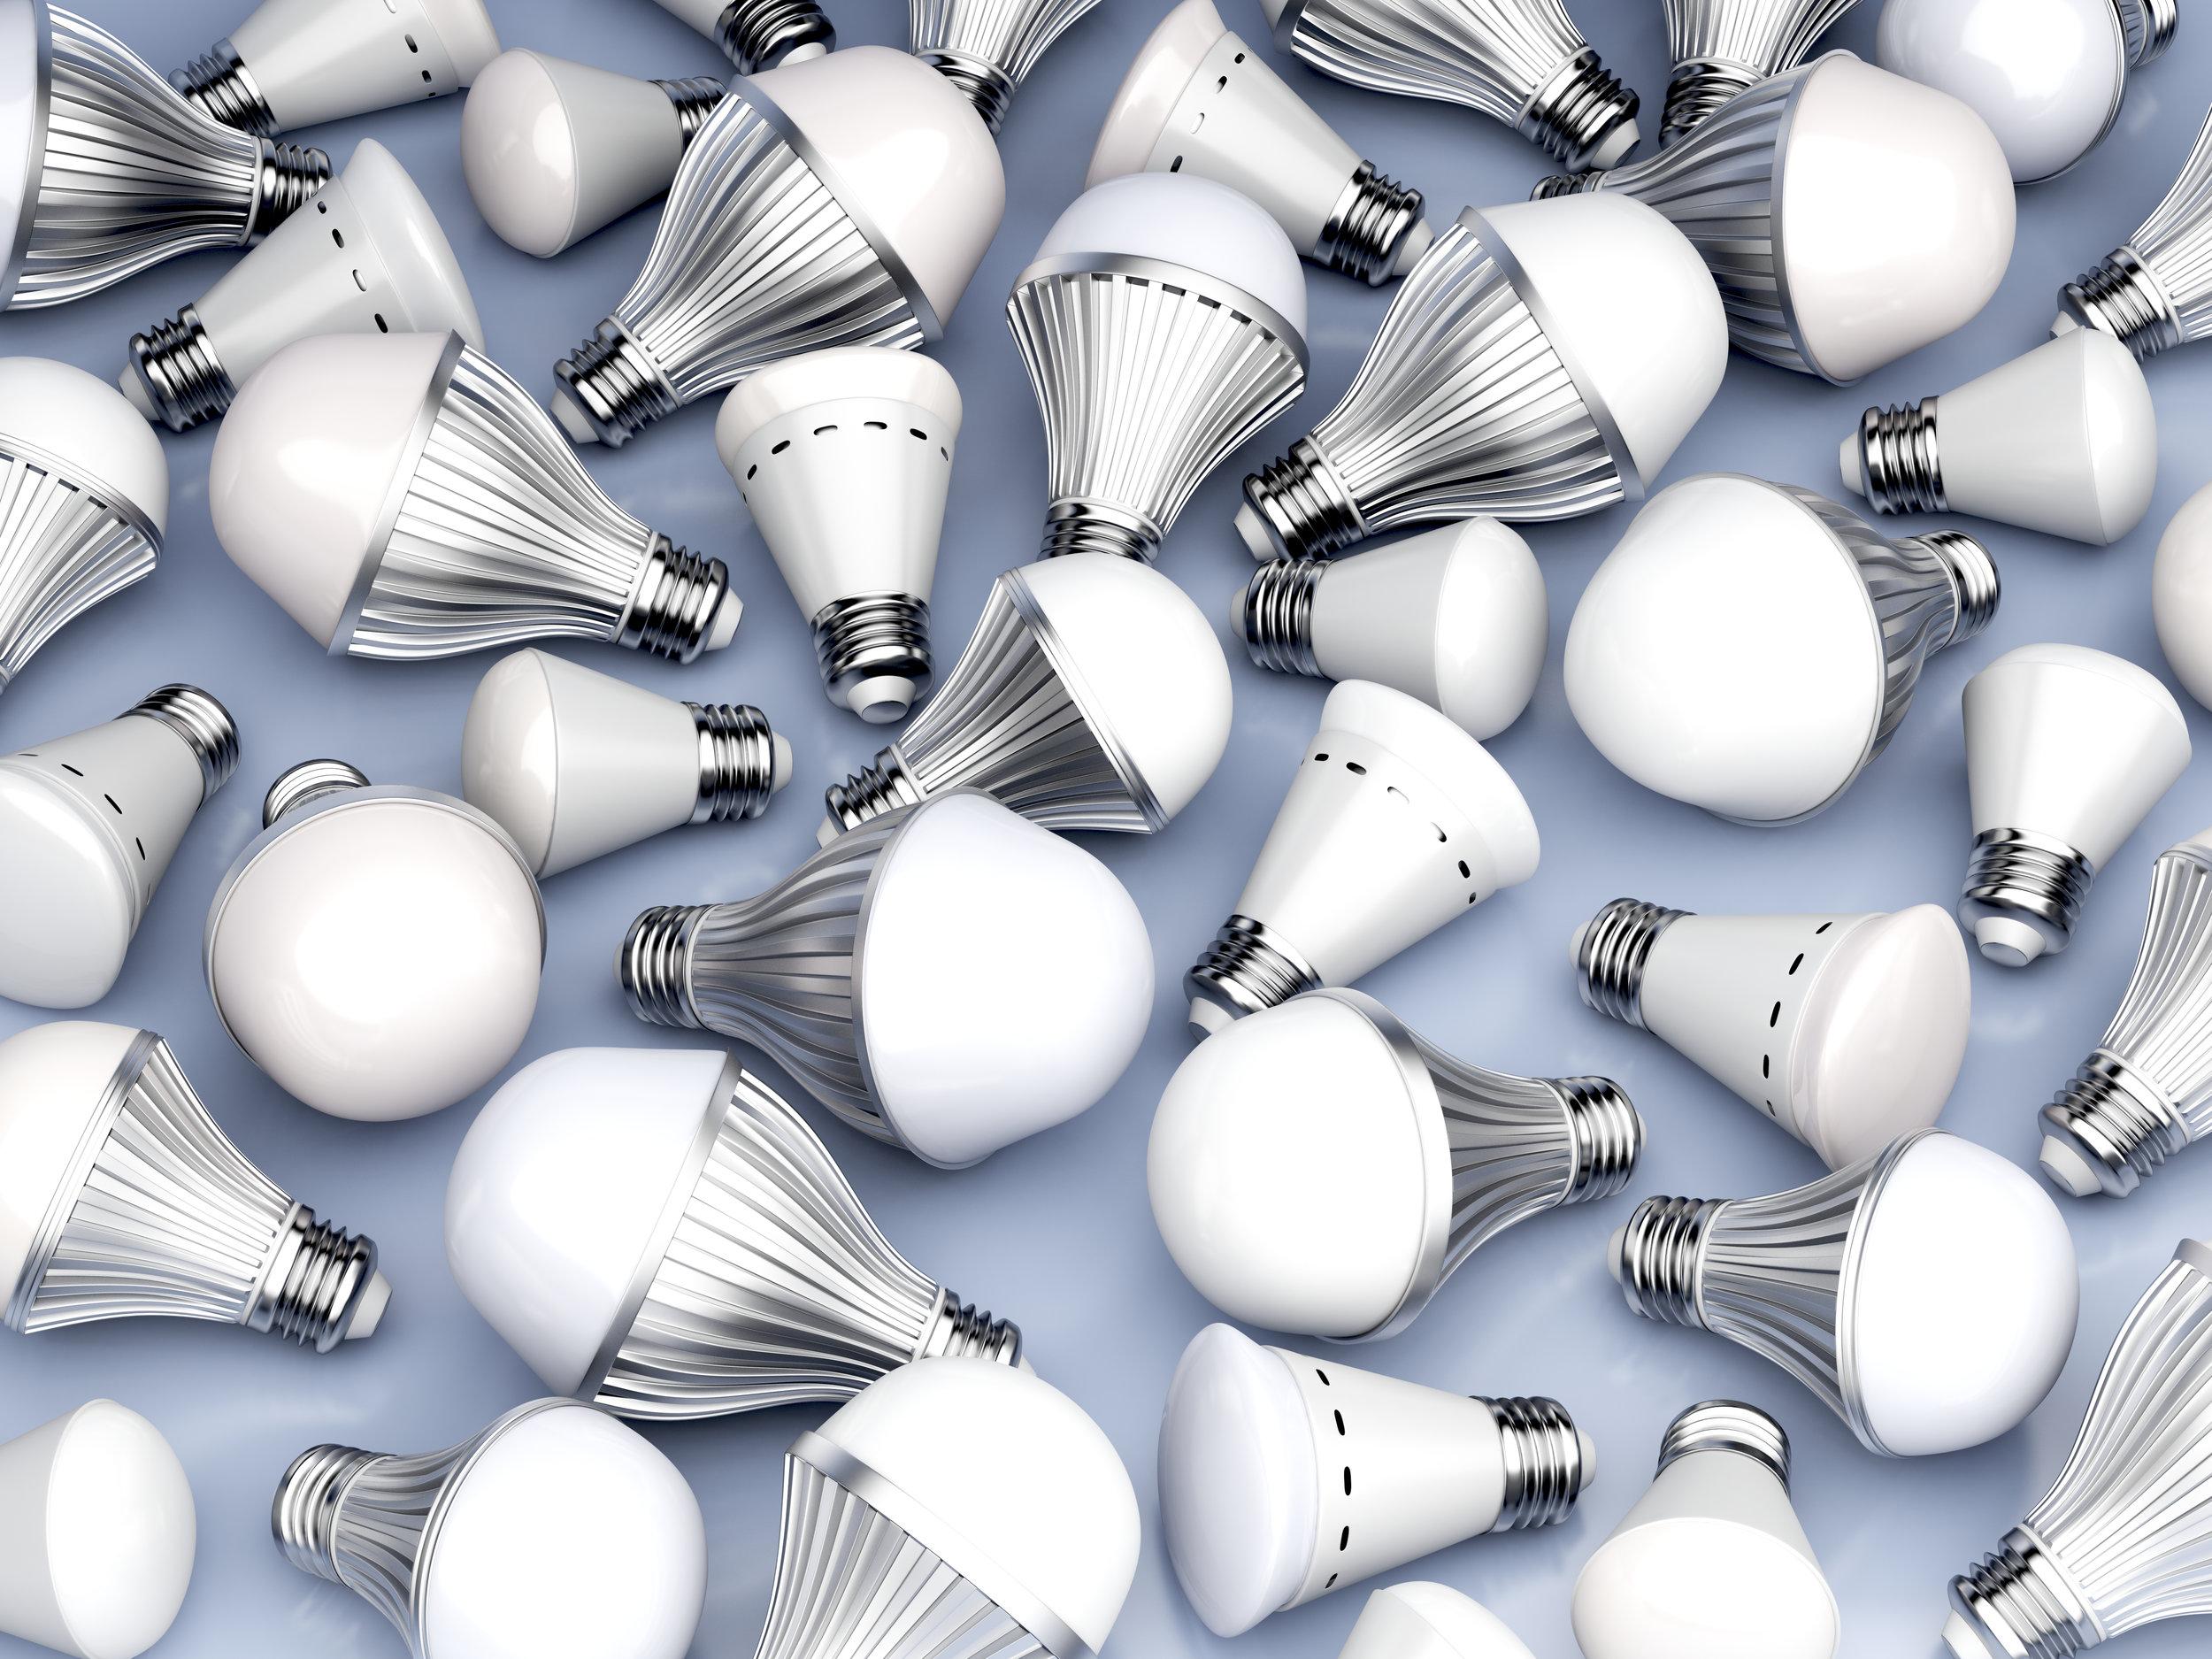 different-types-of-led-light-bulbs-PKL84UC.jpg